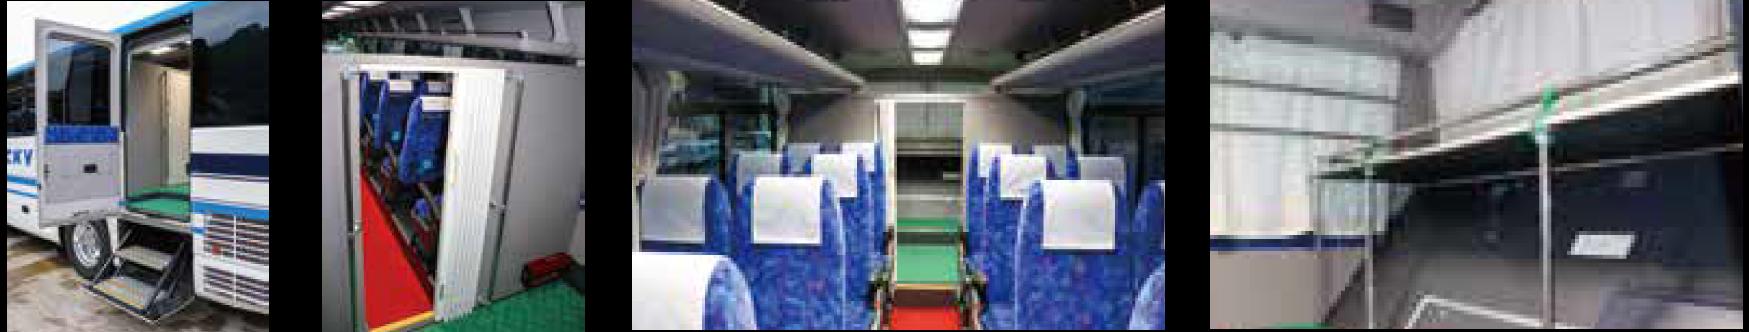 中型特殊バス内装